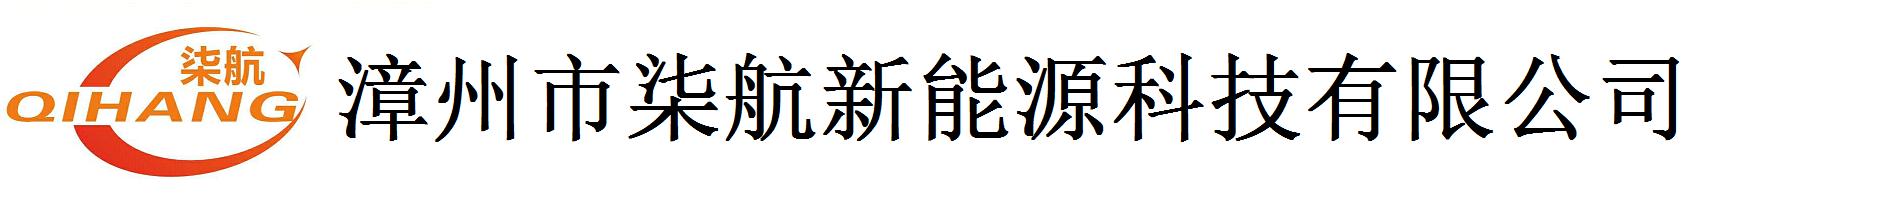 宝盈娱乐平台注册